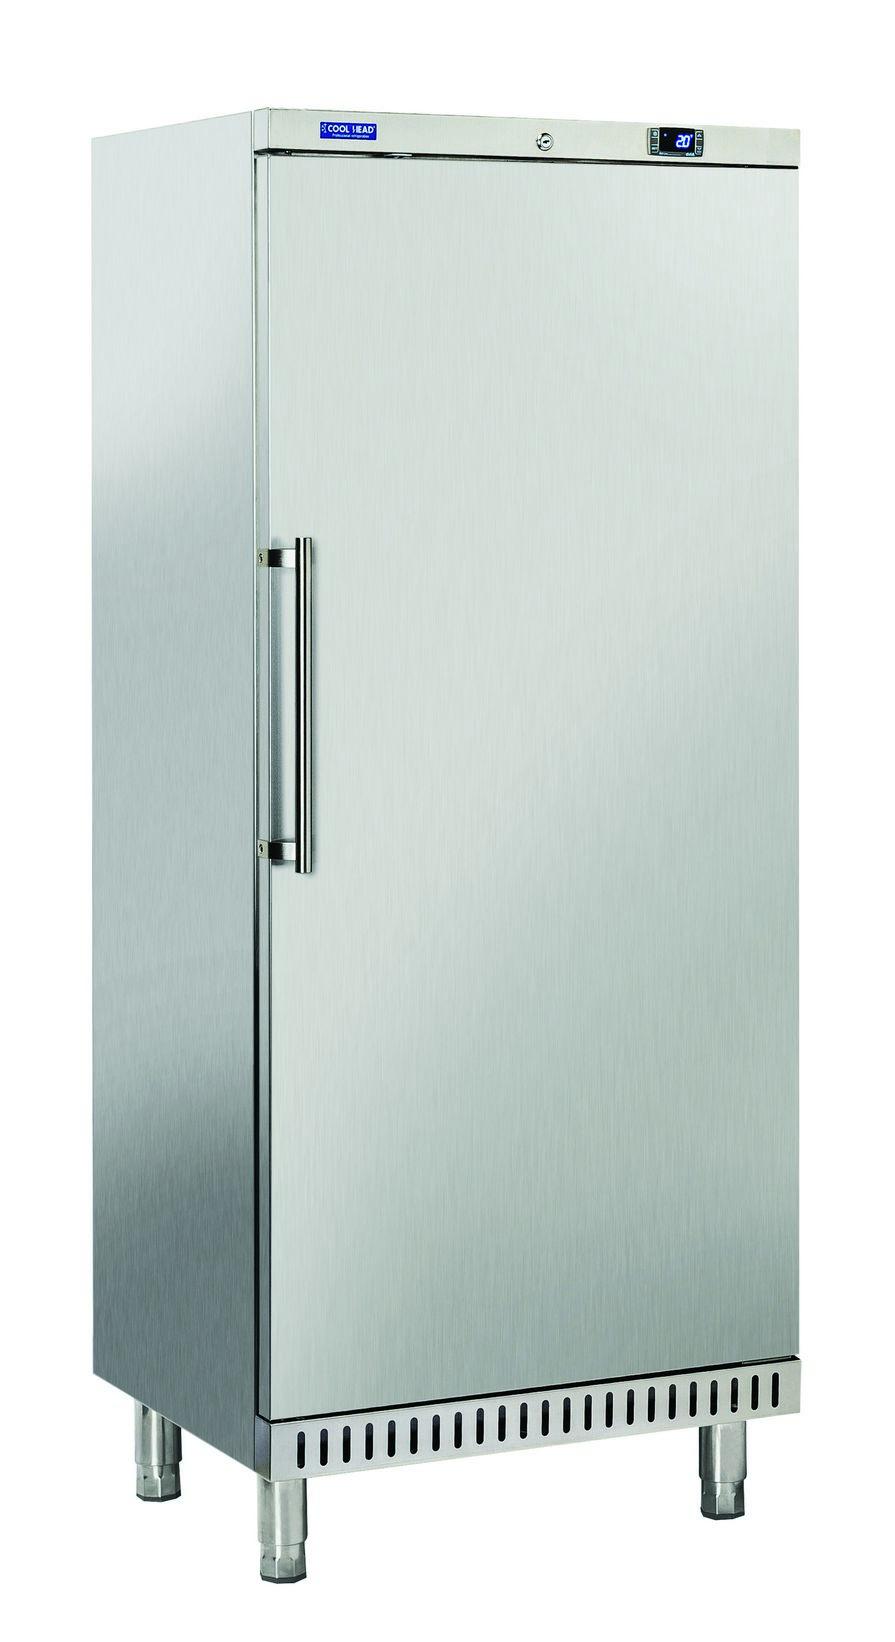 400 literes cukrászati hűtő, ventilációs hűtéssel, teli ajtóval, rozsdamentes